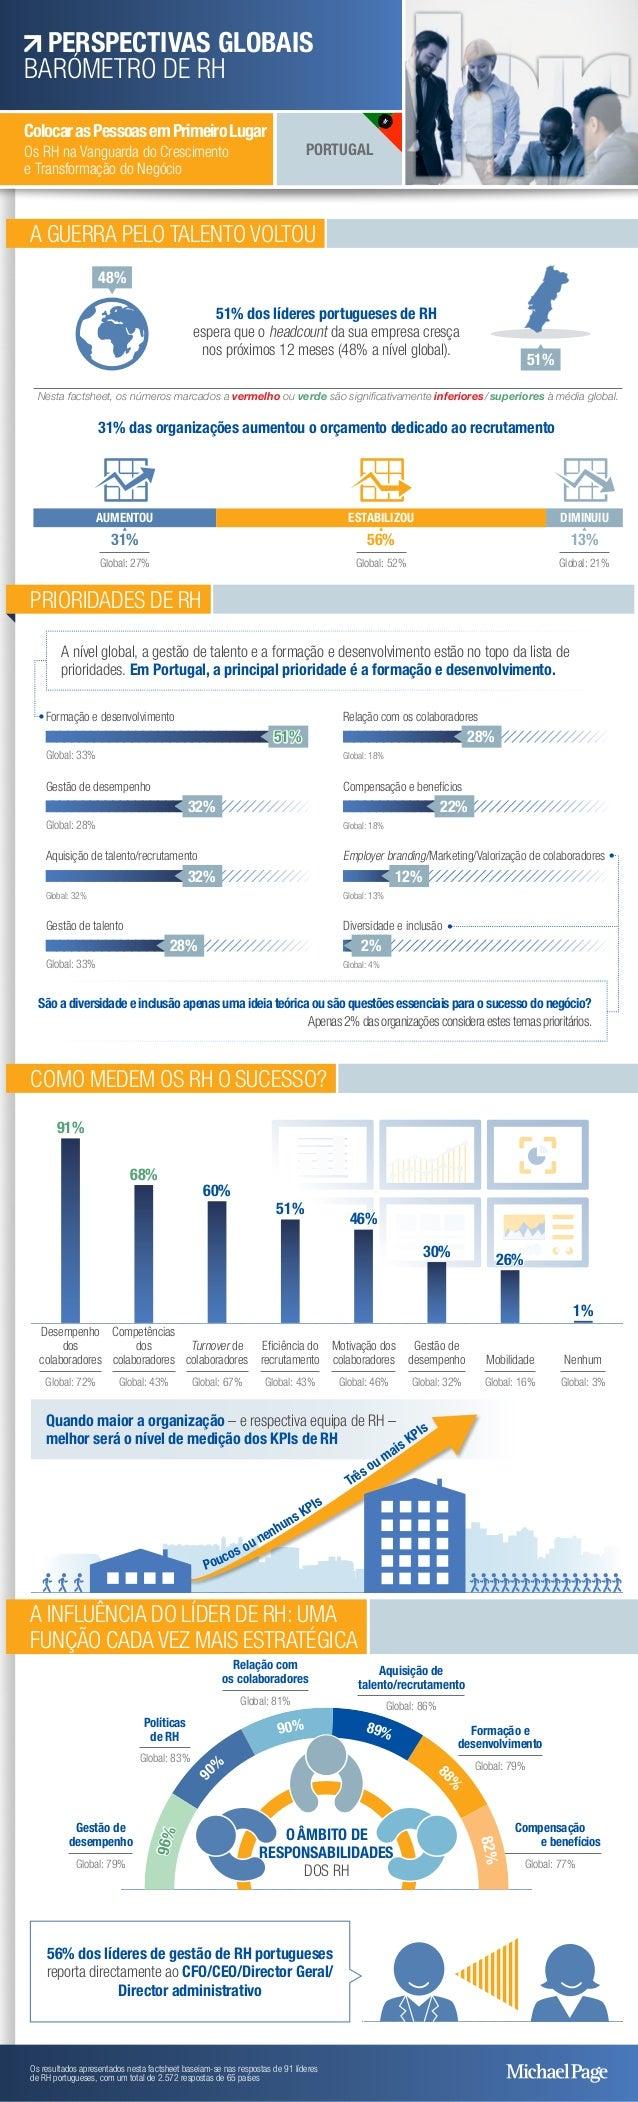 A GUERRA PELO TALENTO VOLTOU 51% dos líderes portugueses de RH espera que o headcount da sua empresa cresça nos próximos 1...